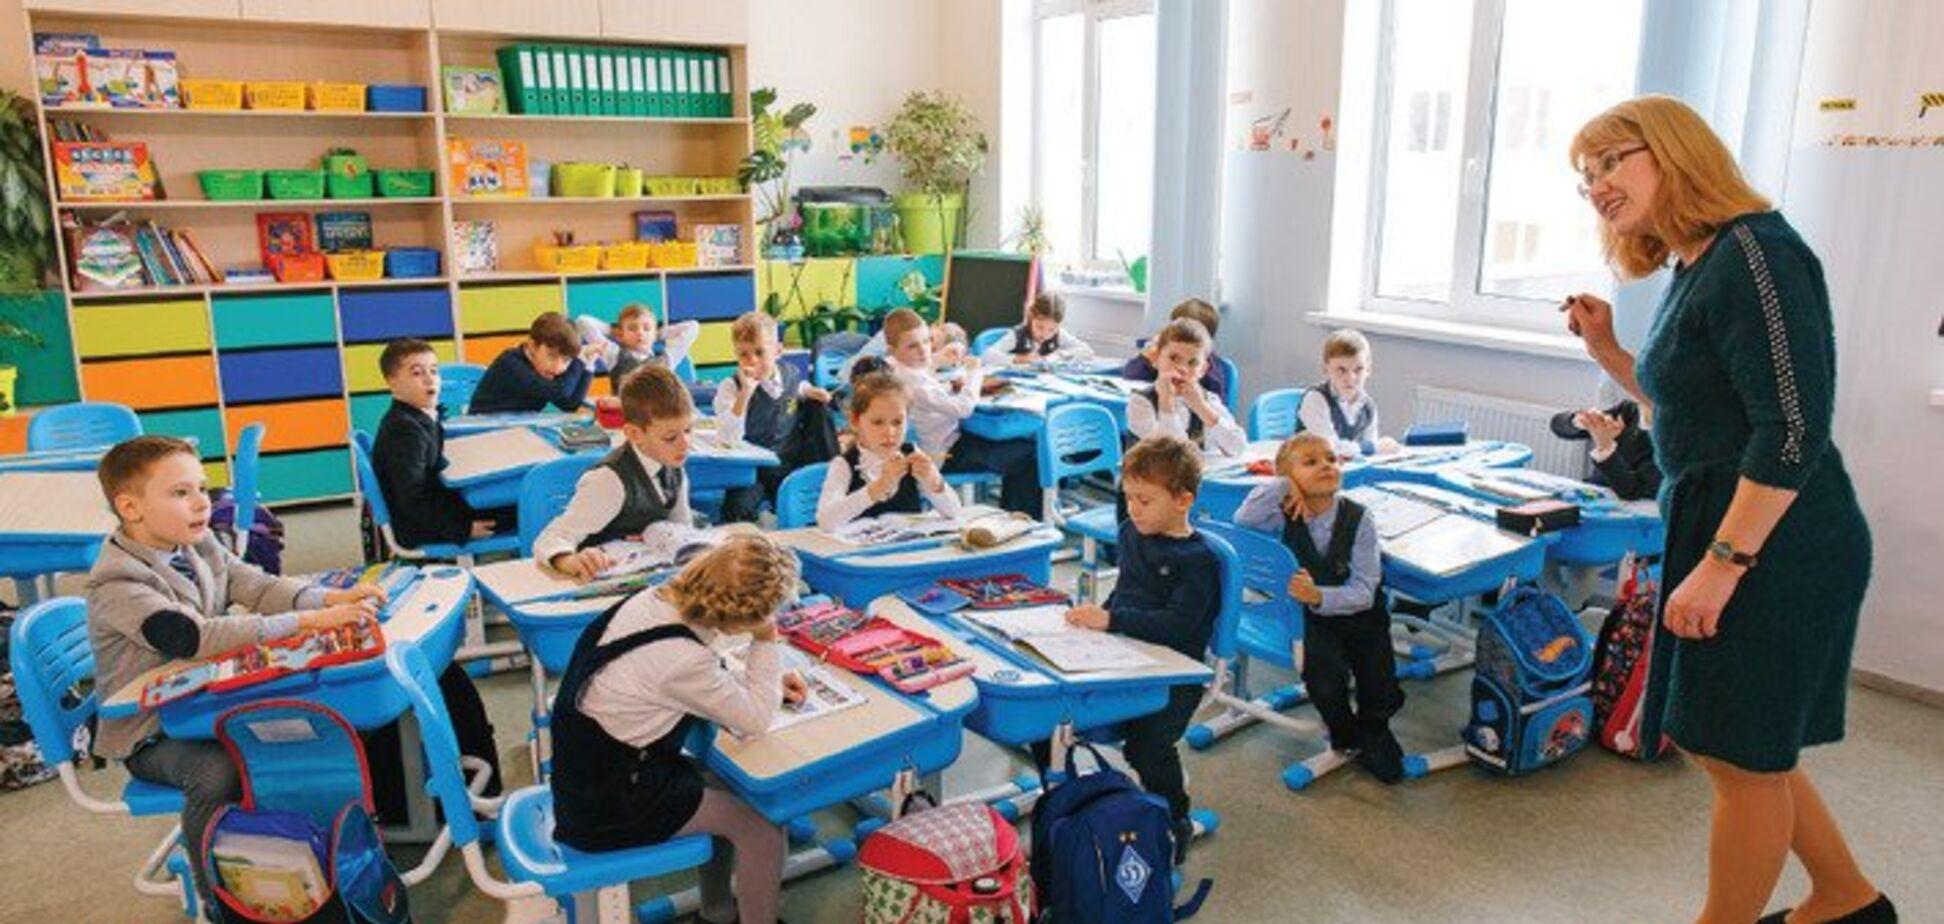 Новая украинская школа: эксперт указал на важный нюанс реформы